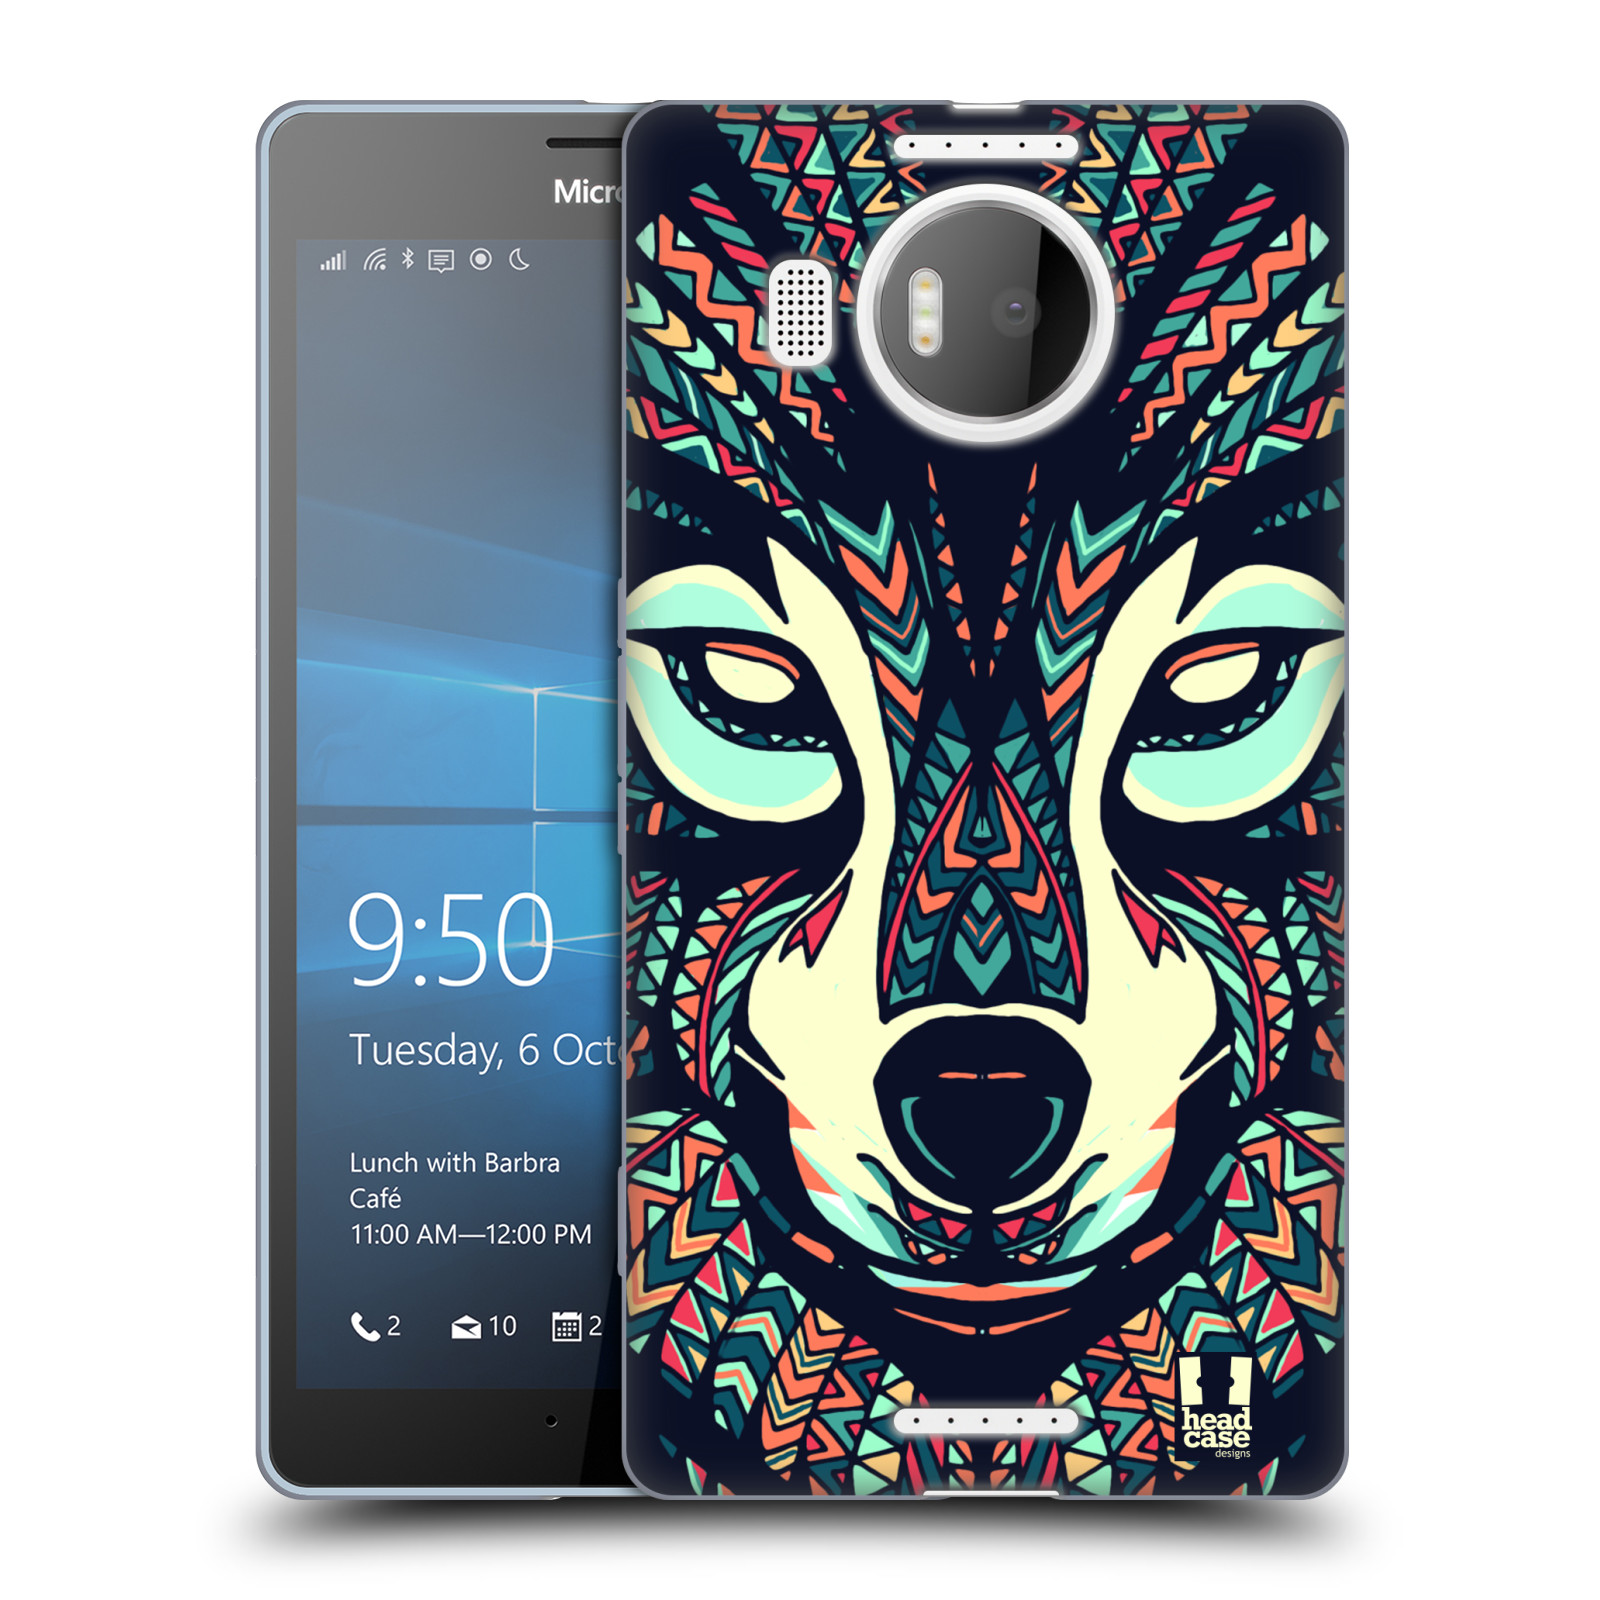 HEAD CASE silikonový obal na mobil NOKIA, MICROSOFT LUMIA 950 XL / LUMIA 950 XL DUAL SIM vzor Aztécký motiv zvíře 3 vlk